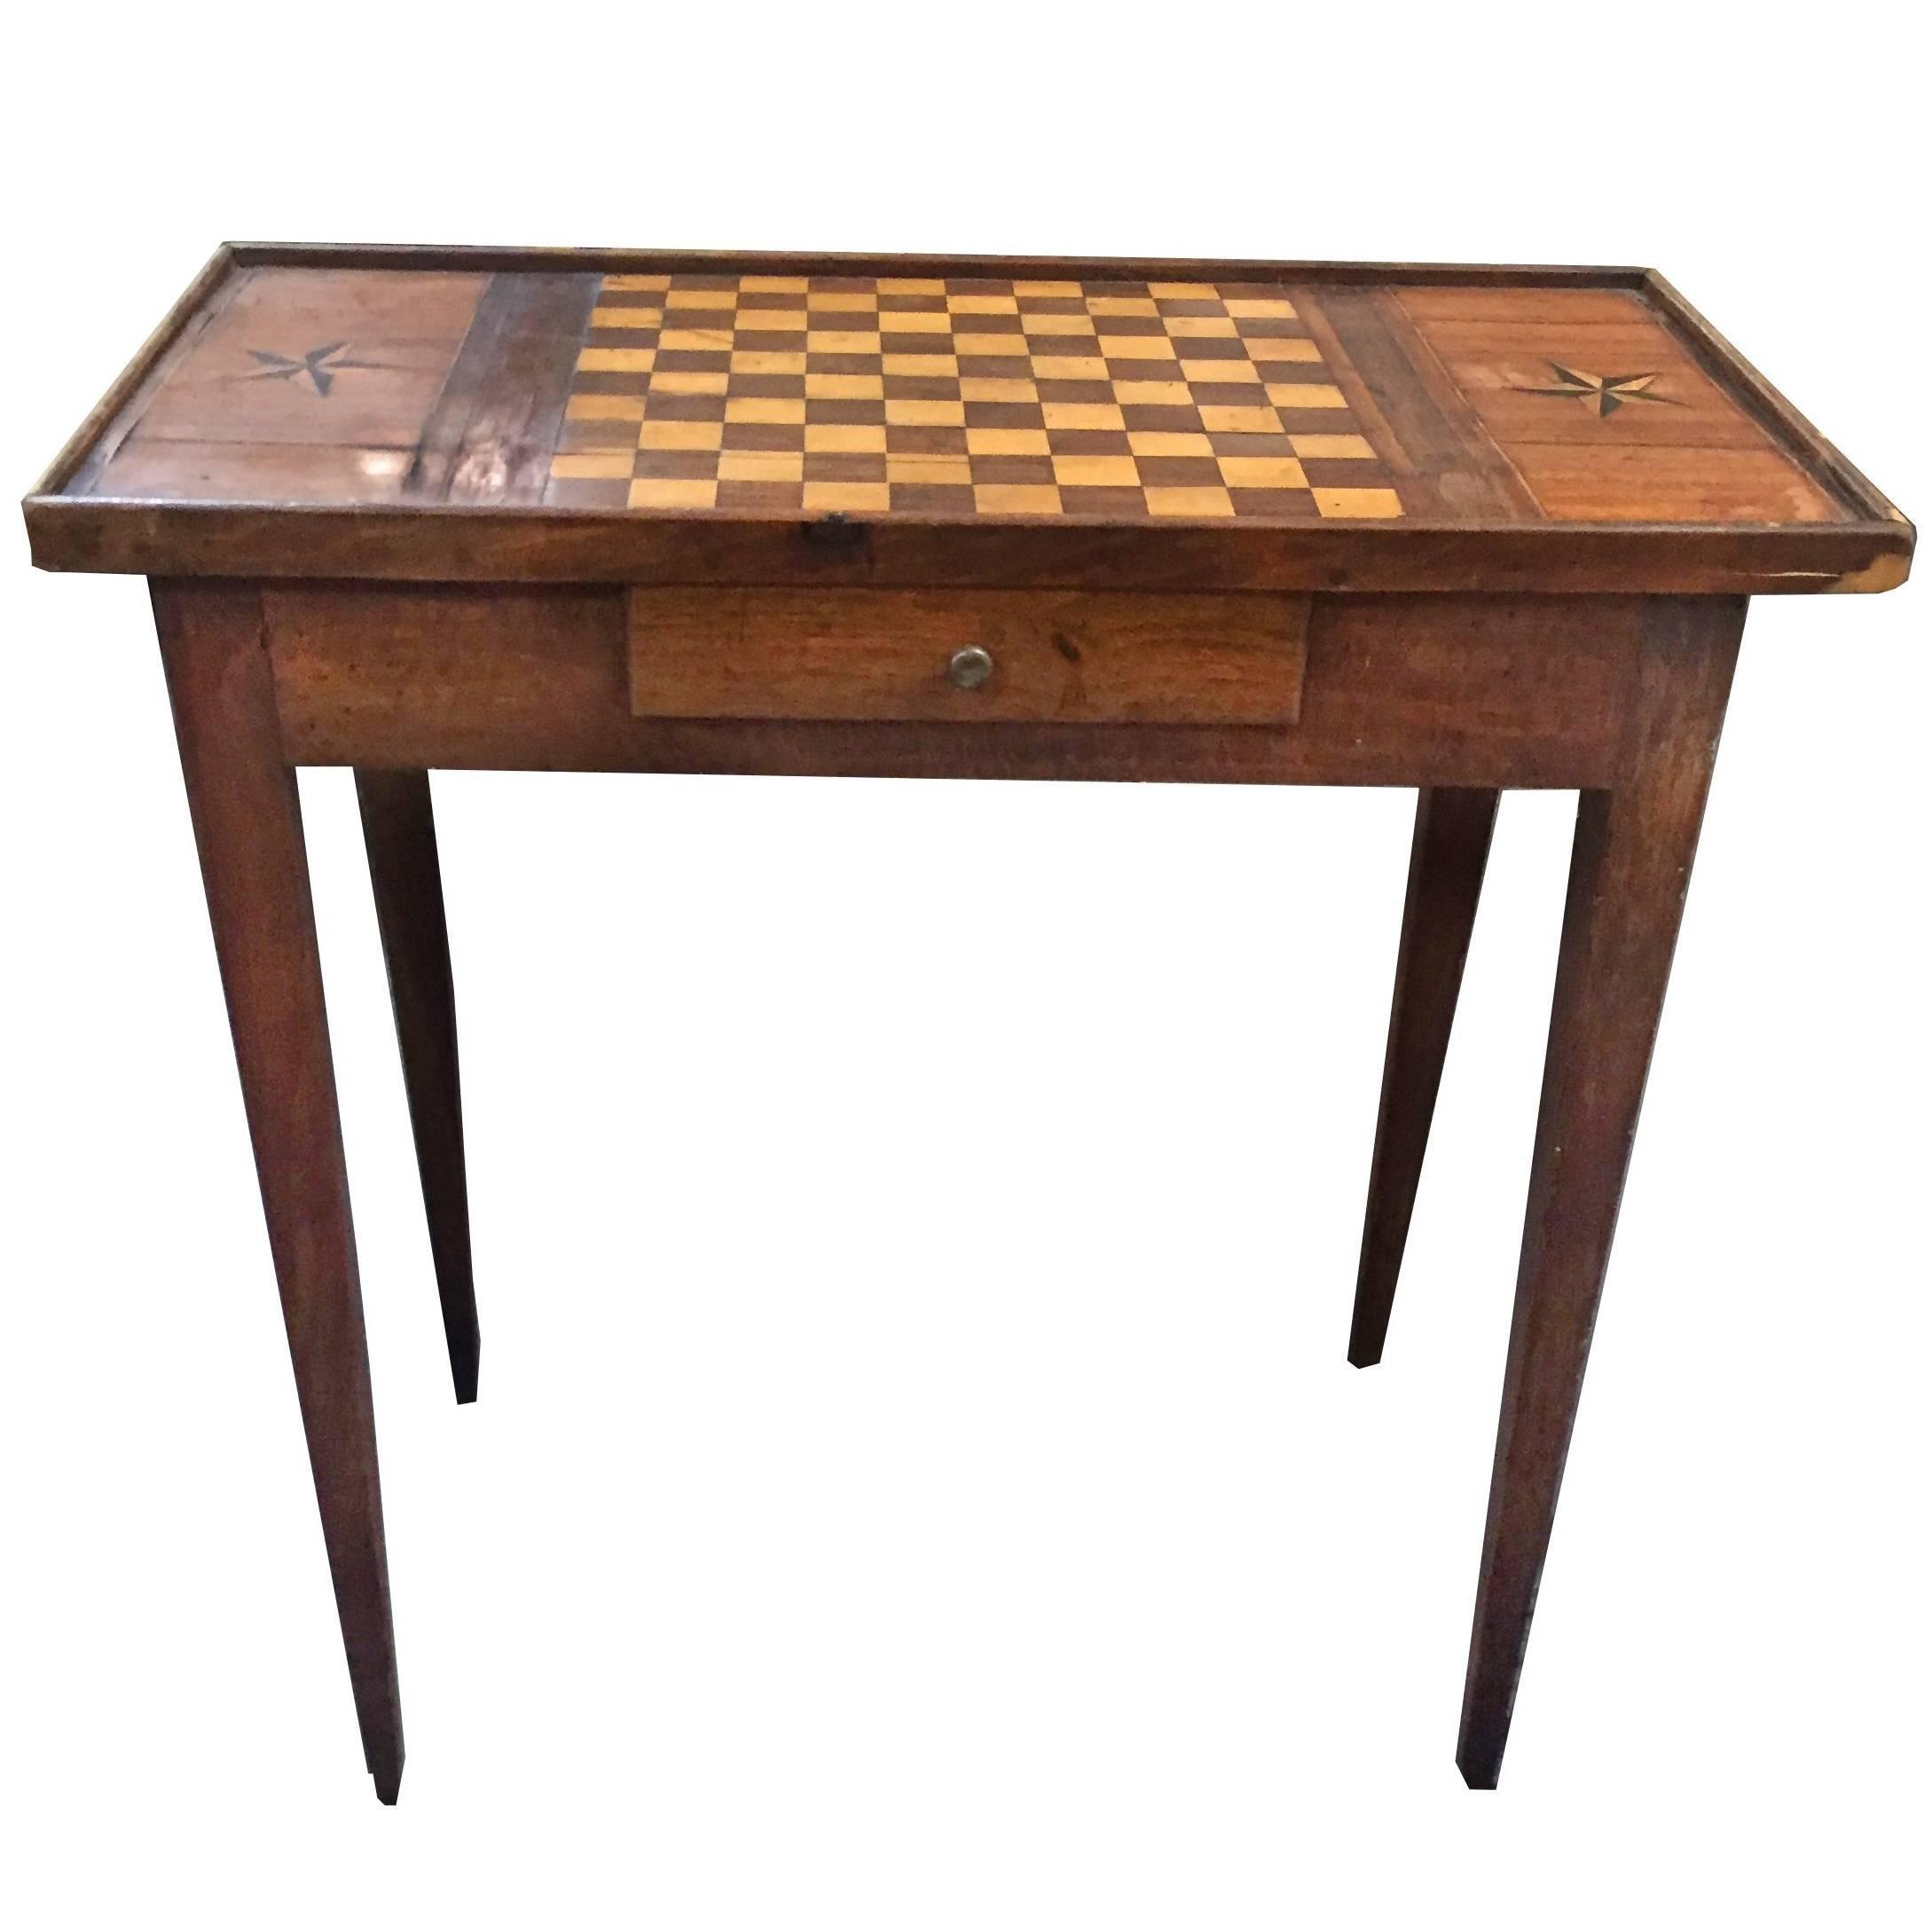 Louis XVI Game Table